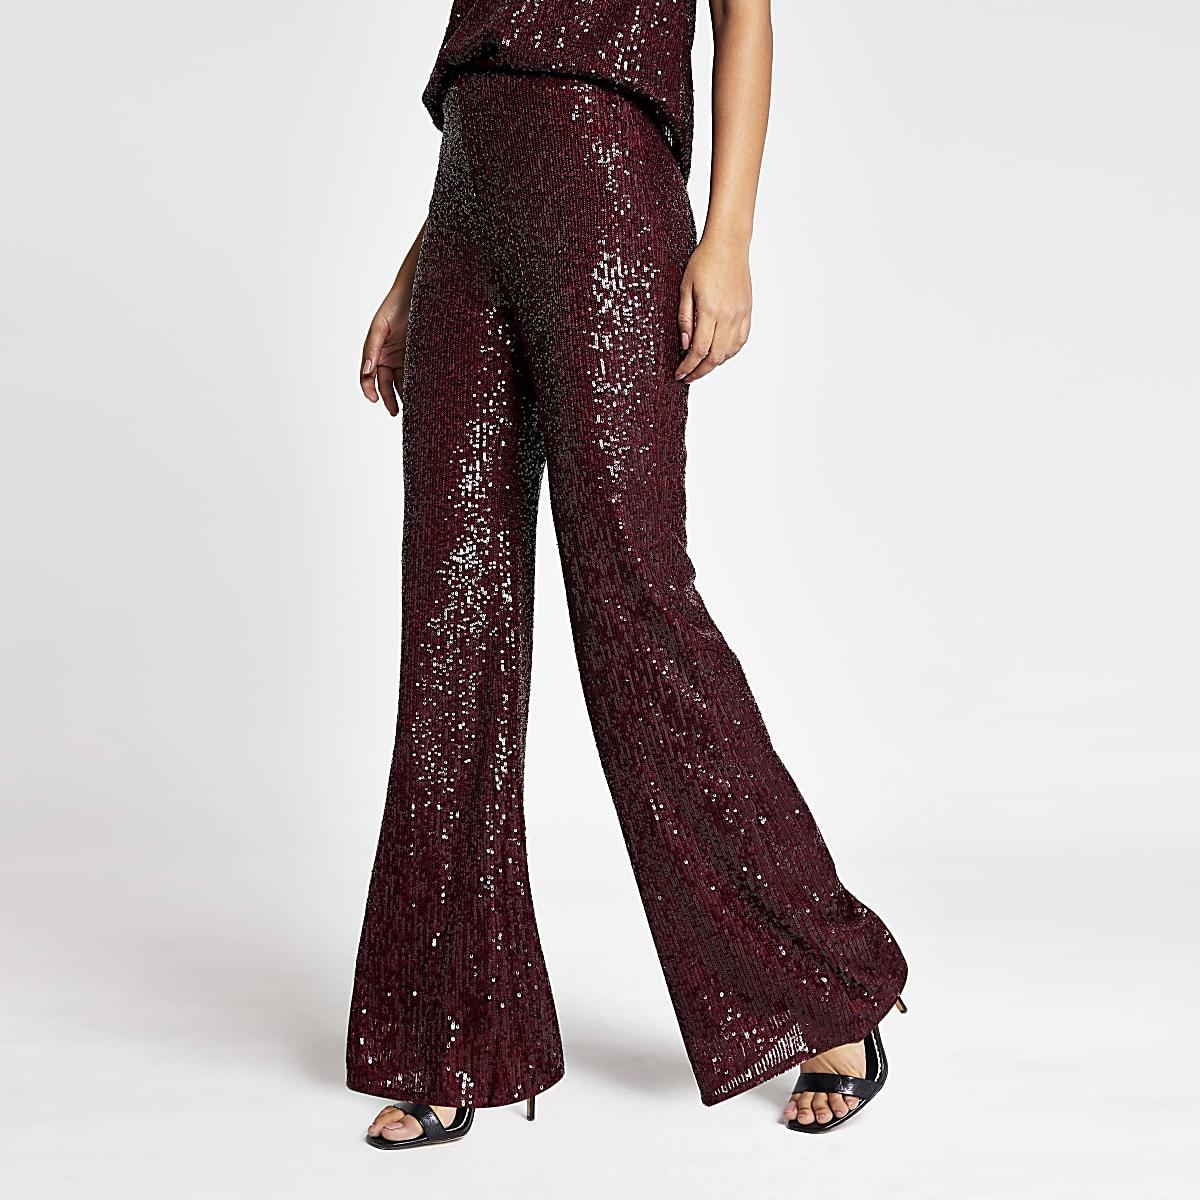 Pantalon évasé rouge foncé ornéde sequins